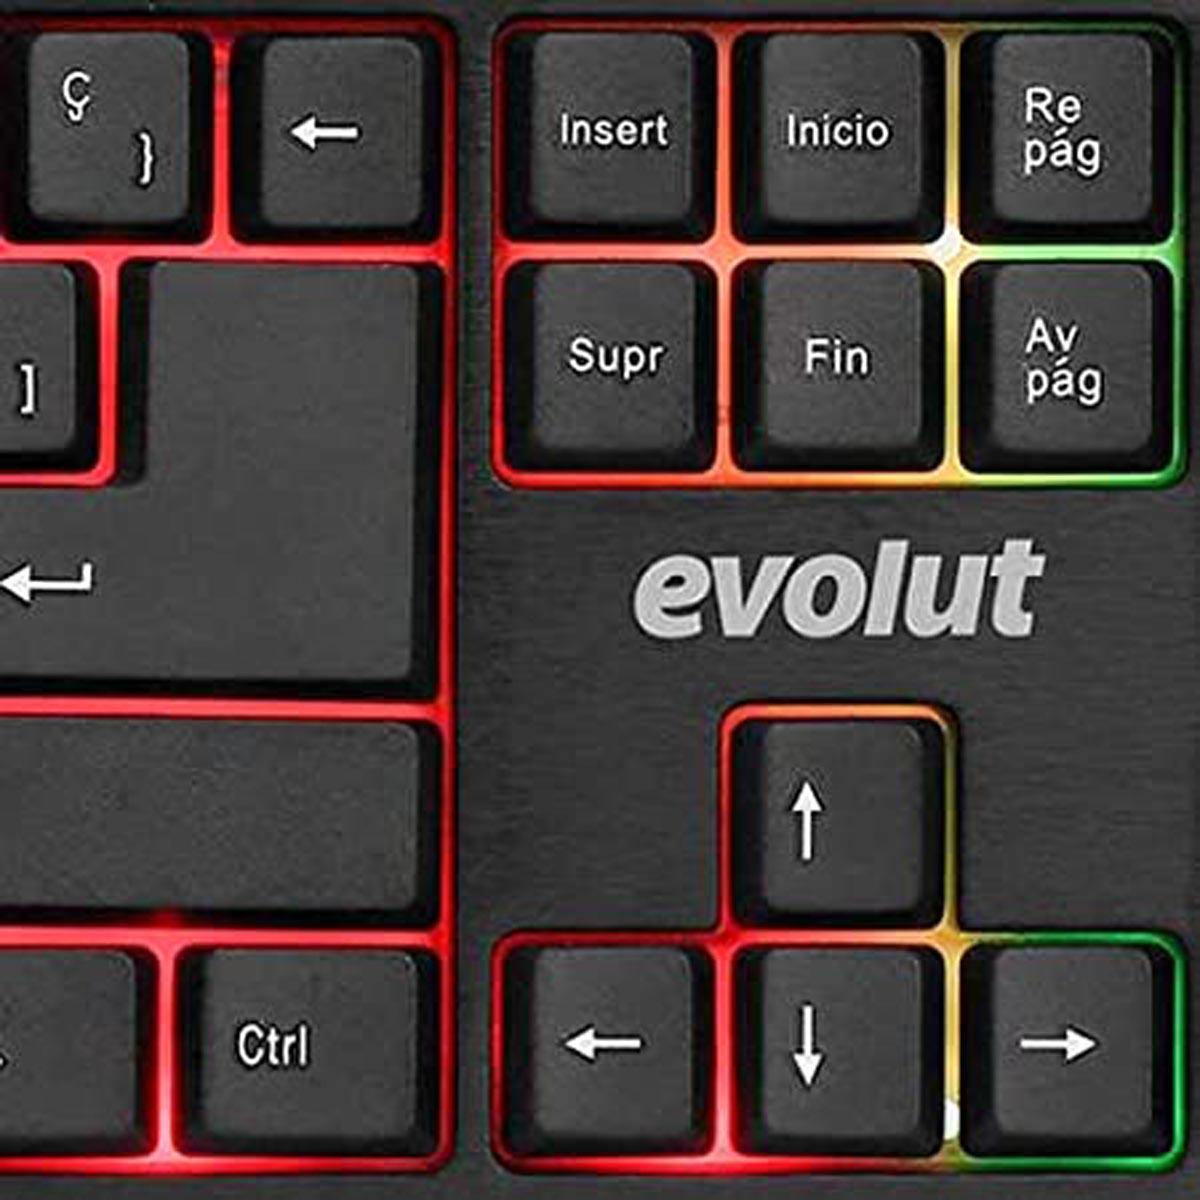 Teclado Gamer EG207 Evolut Ranger Backlight Rainbow